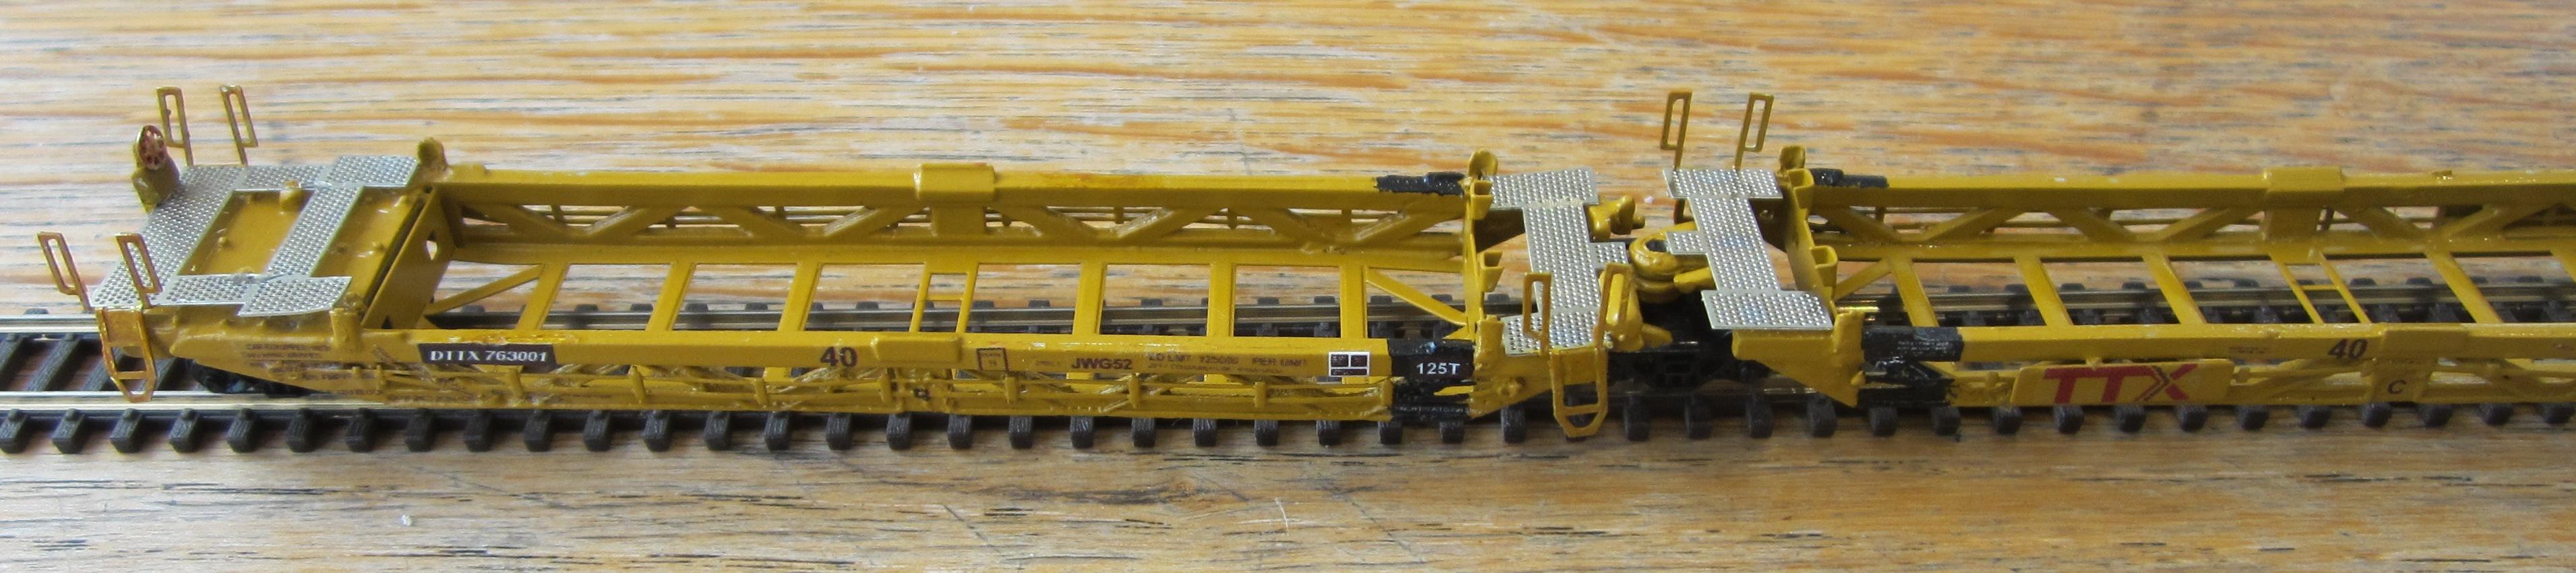 N Scale - N Scale Kits - NS137 Kit - FCA